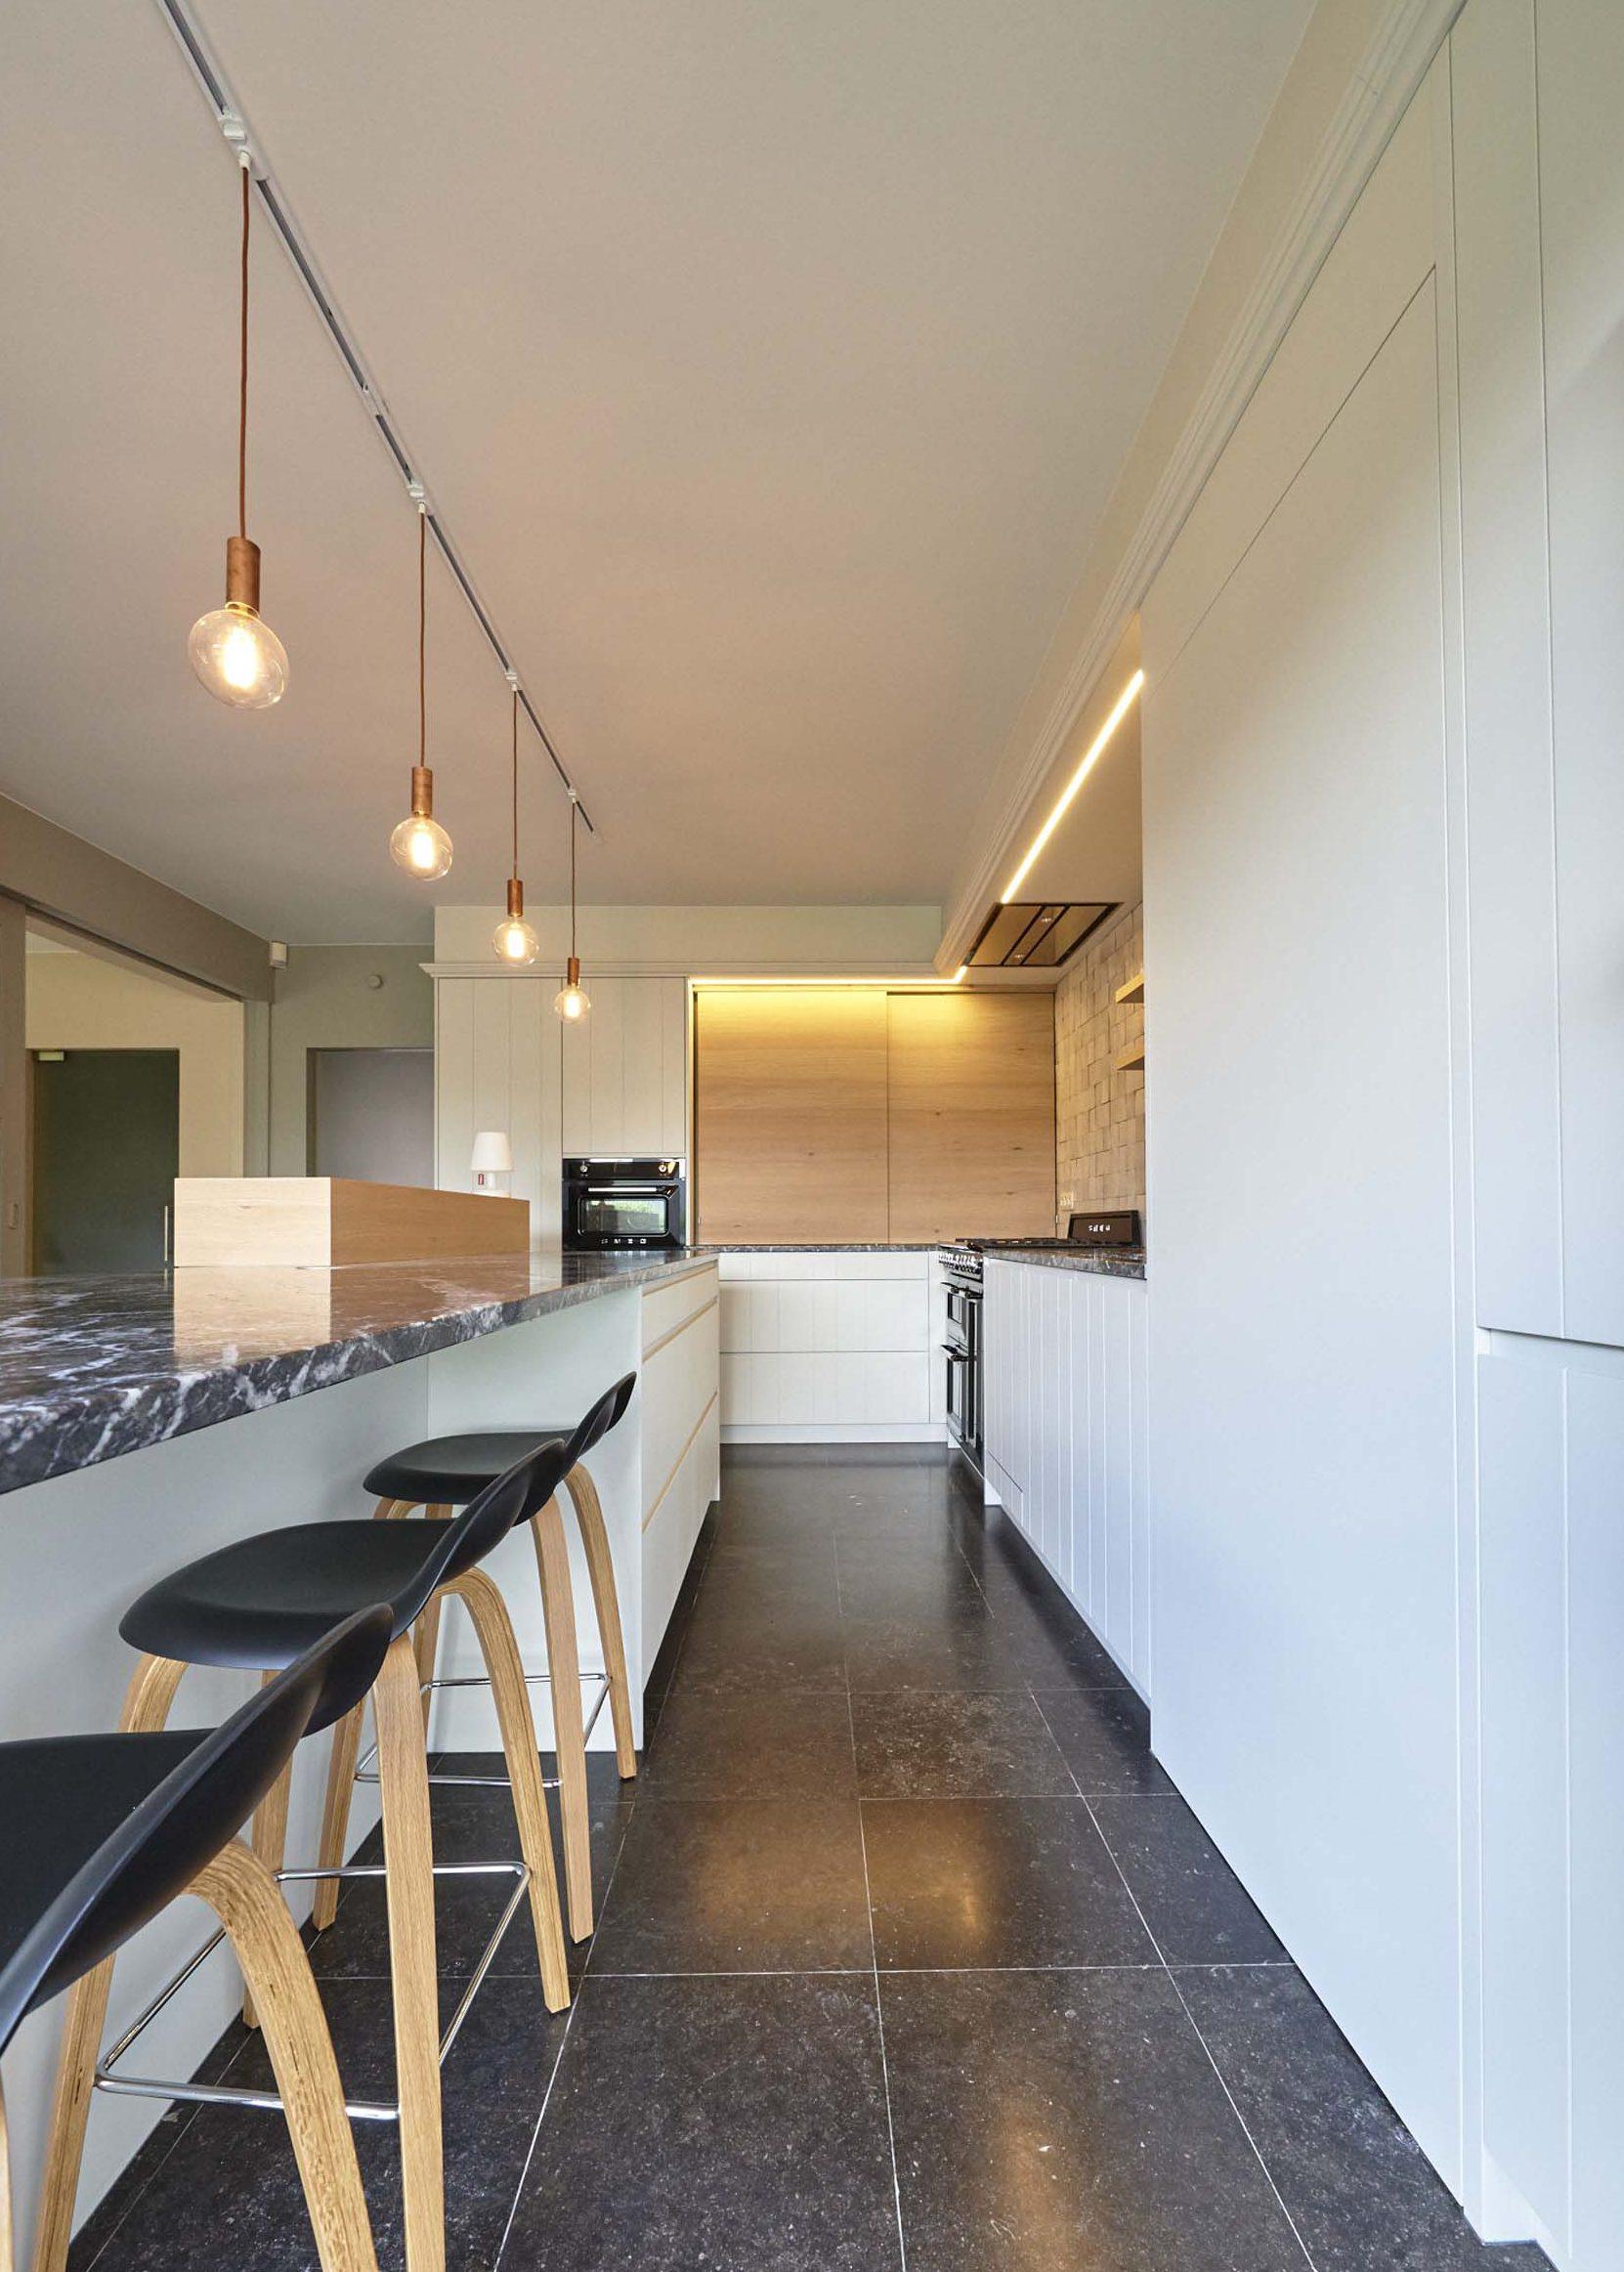 Vanda-projects-interieurinrichting-meubelmakerij-oost-vlaanderen-dumoulin-keukenvloer